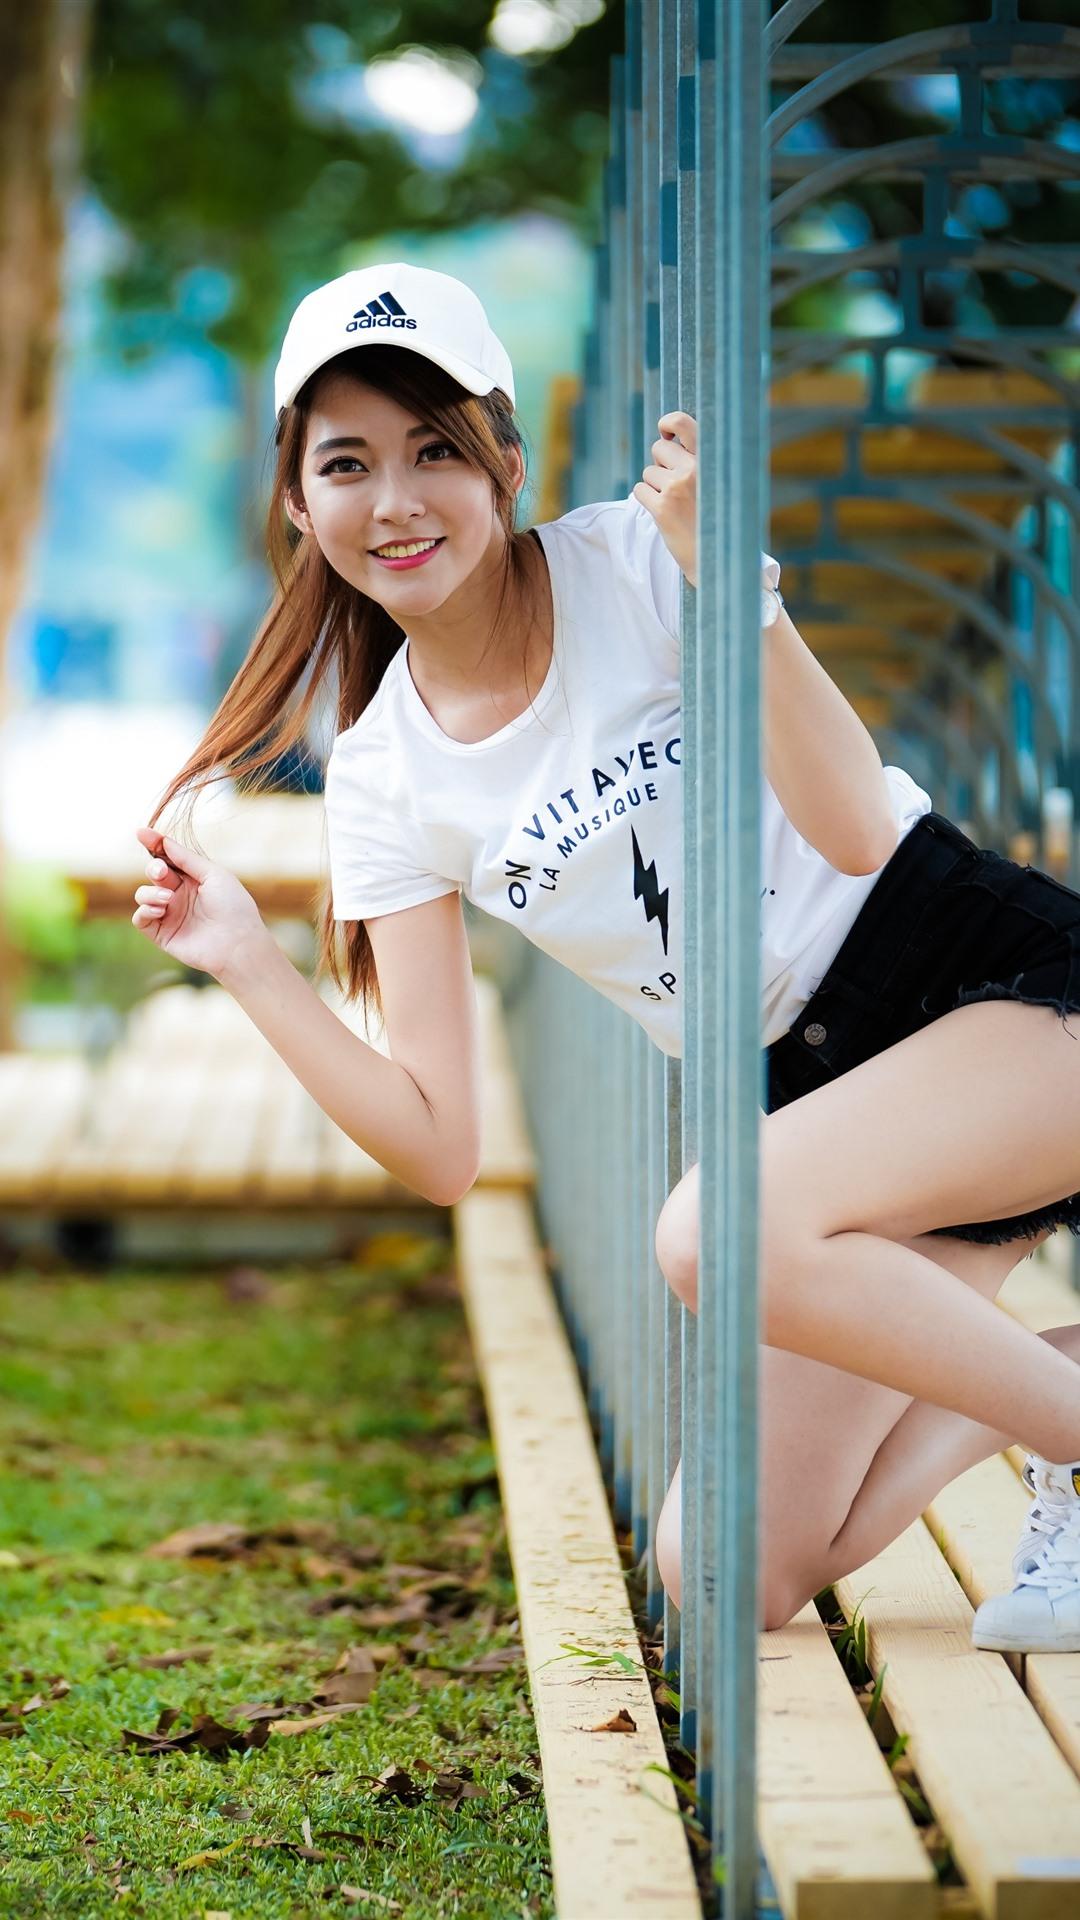 Wallpaper Smile Asian Girl Channel 3840x2160 Uhd 4k